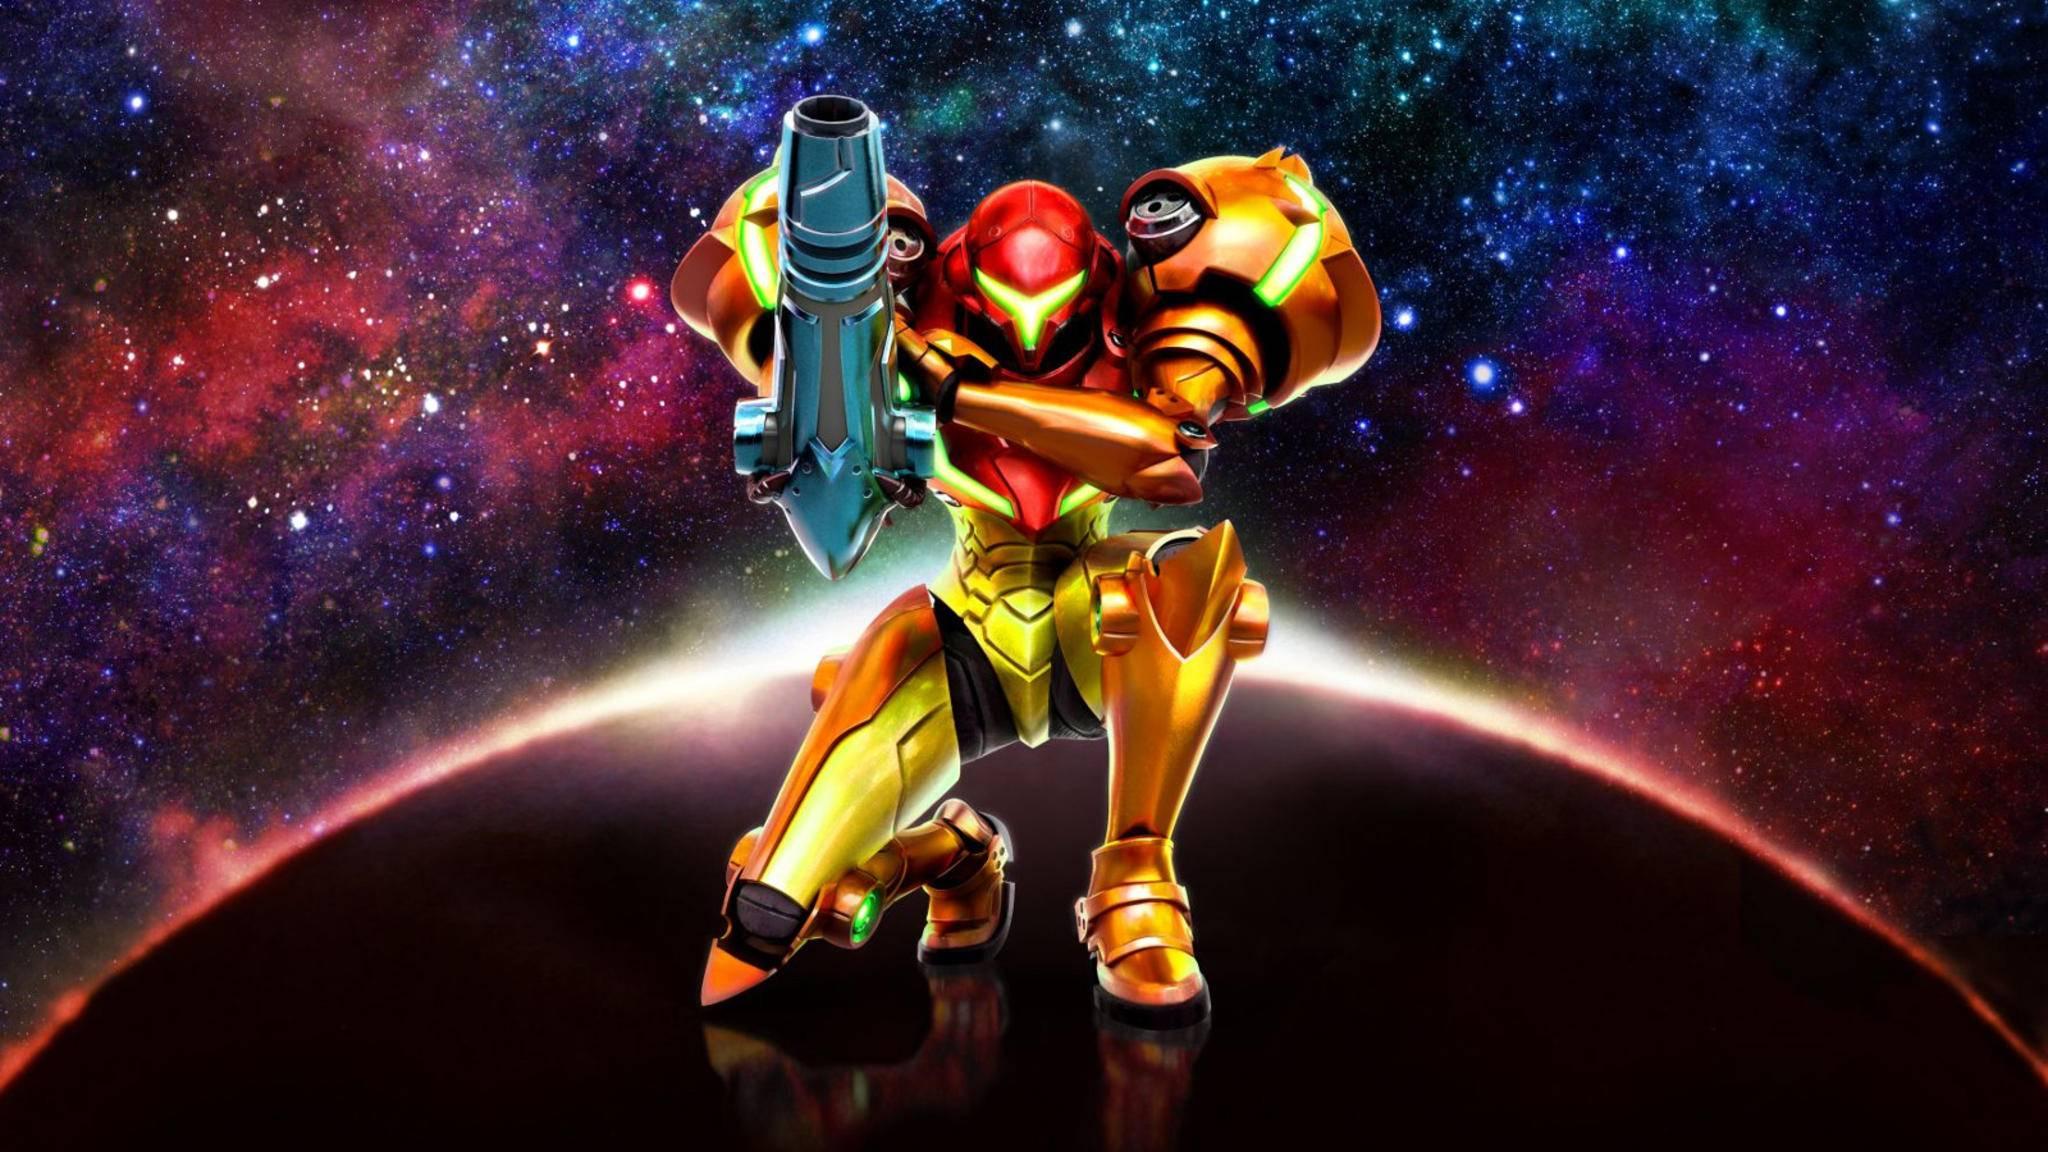 """Keine Sorge, die Arbeit an """"Metroid Prime 4"""" geht weiter – allerdings wohl noch eine ganze Weile."""